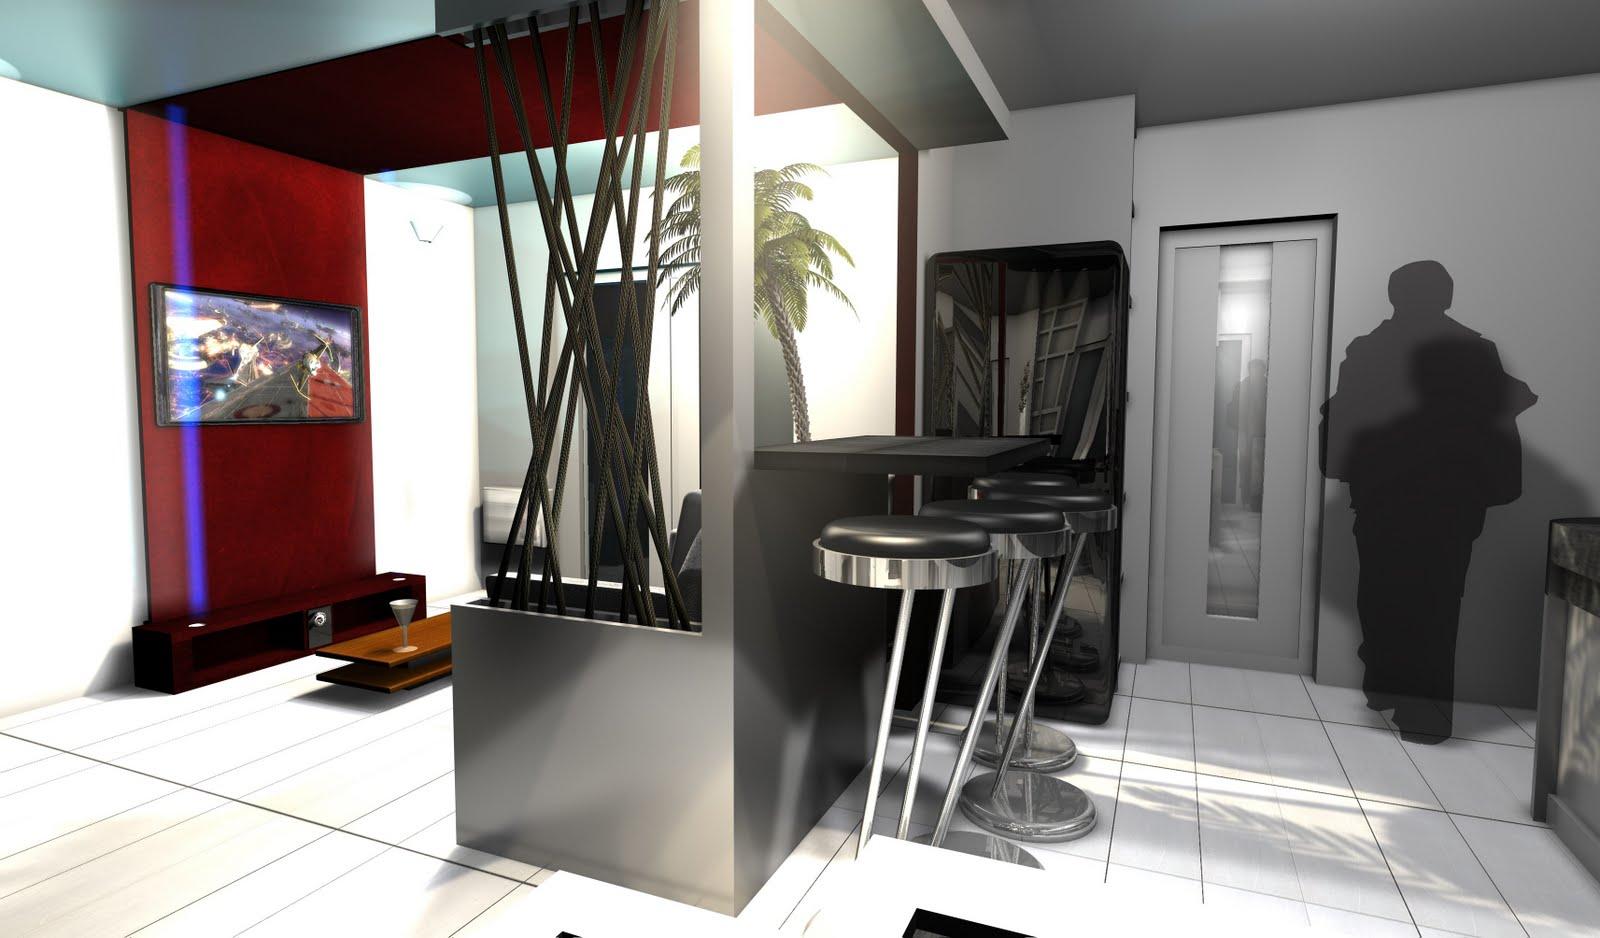 blog archi d co design entr e salon cuisine une pi ce vivre remodeler. Black Bedroom Furniture Sets. Home Design Ideas